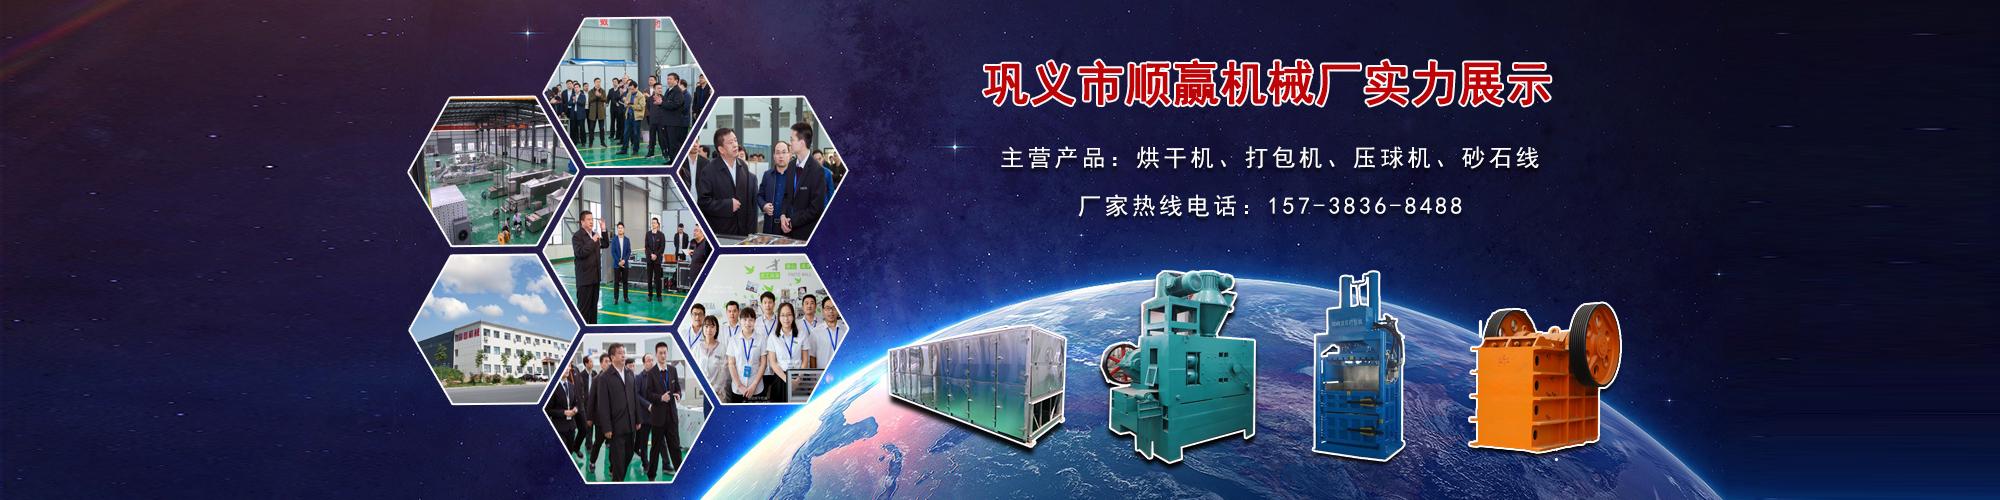 郑州顺赢机械设备有限公司